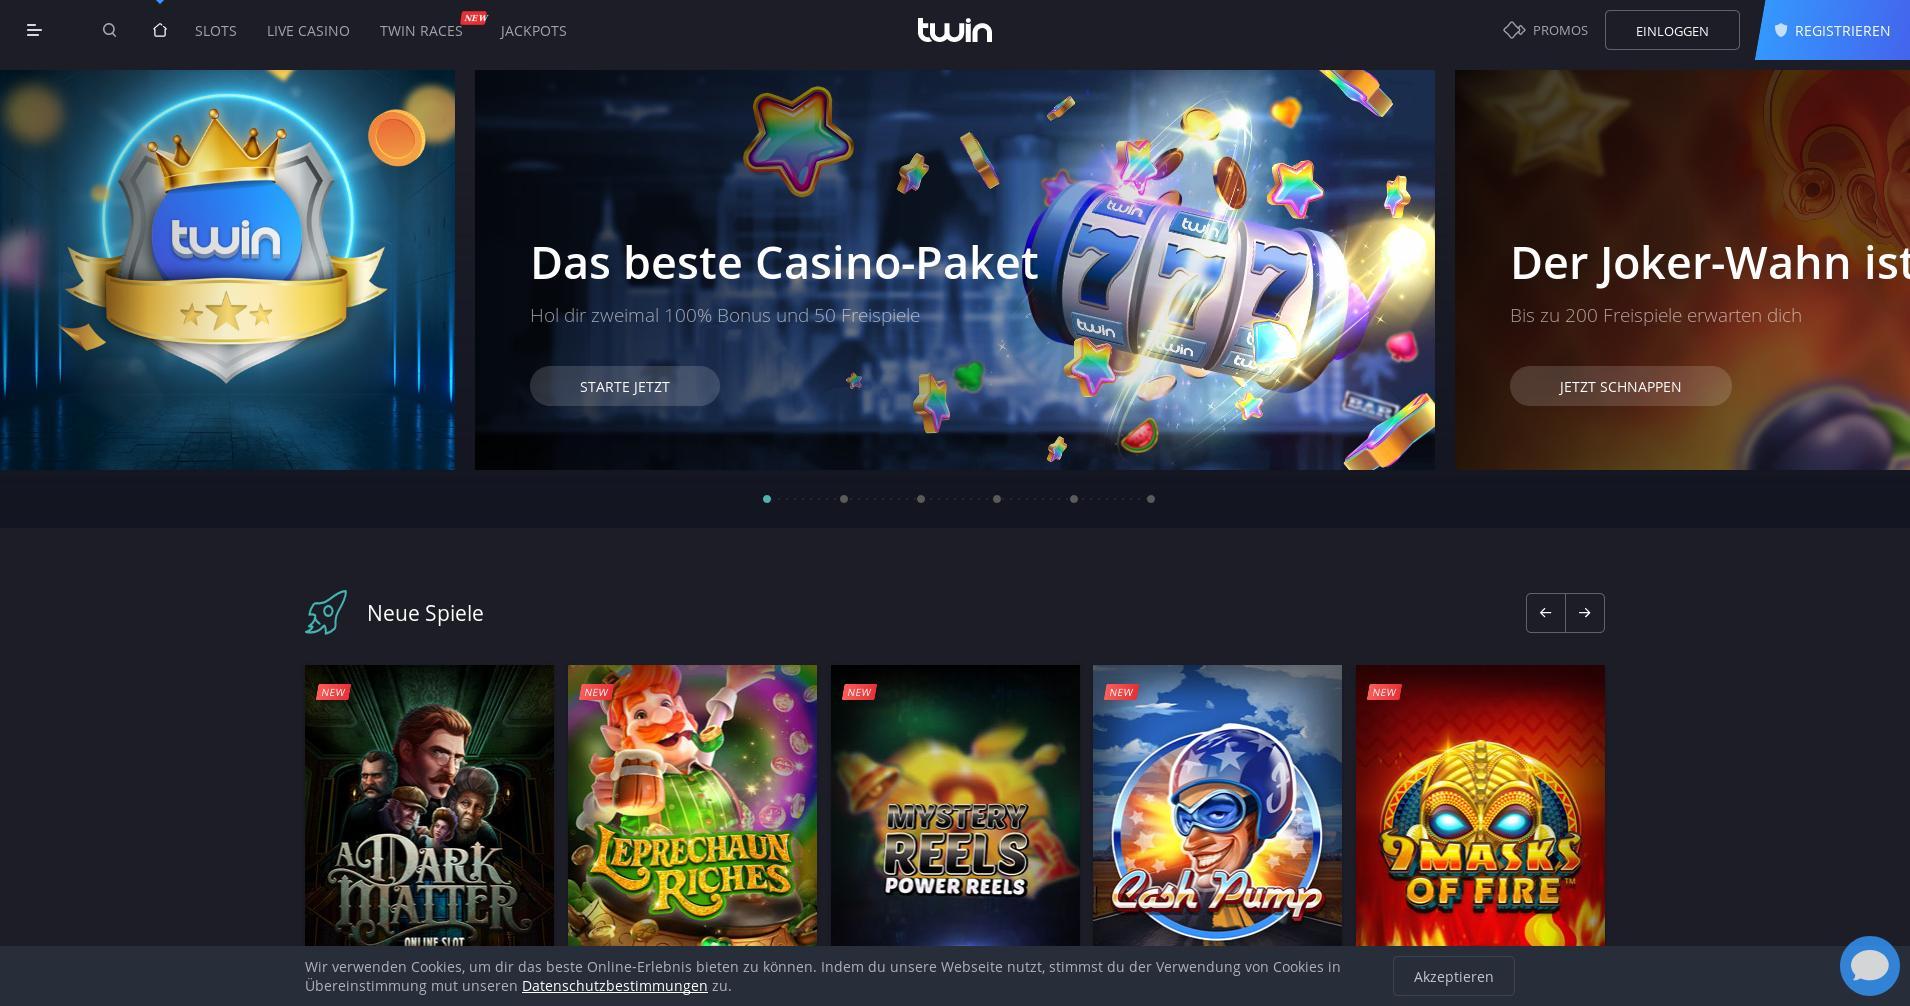 Casino Bildschirm Lobby 2019-10-23 zum Deutschland